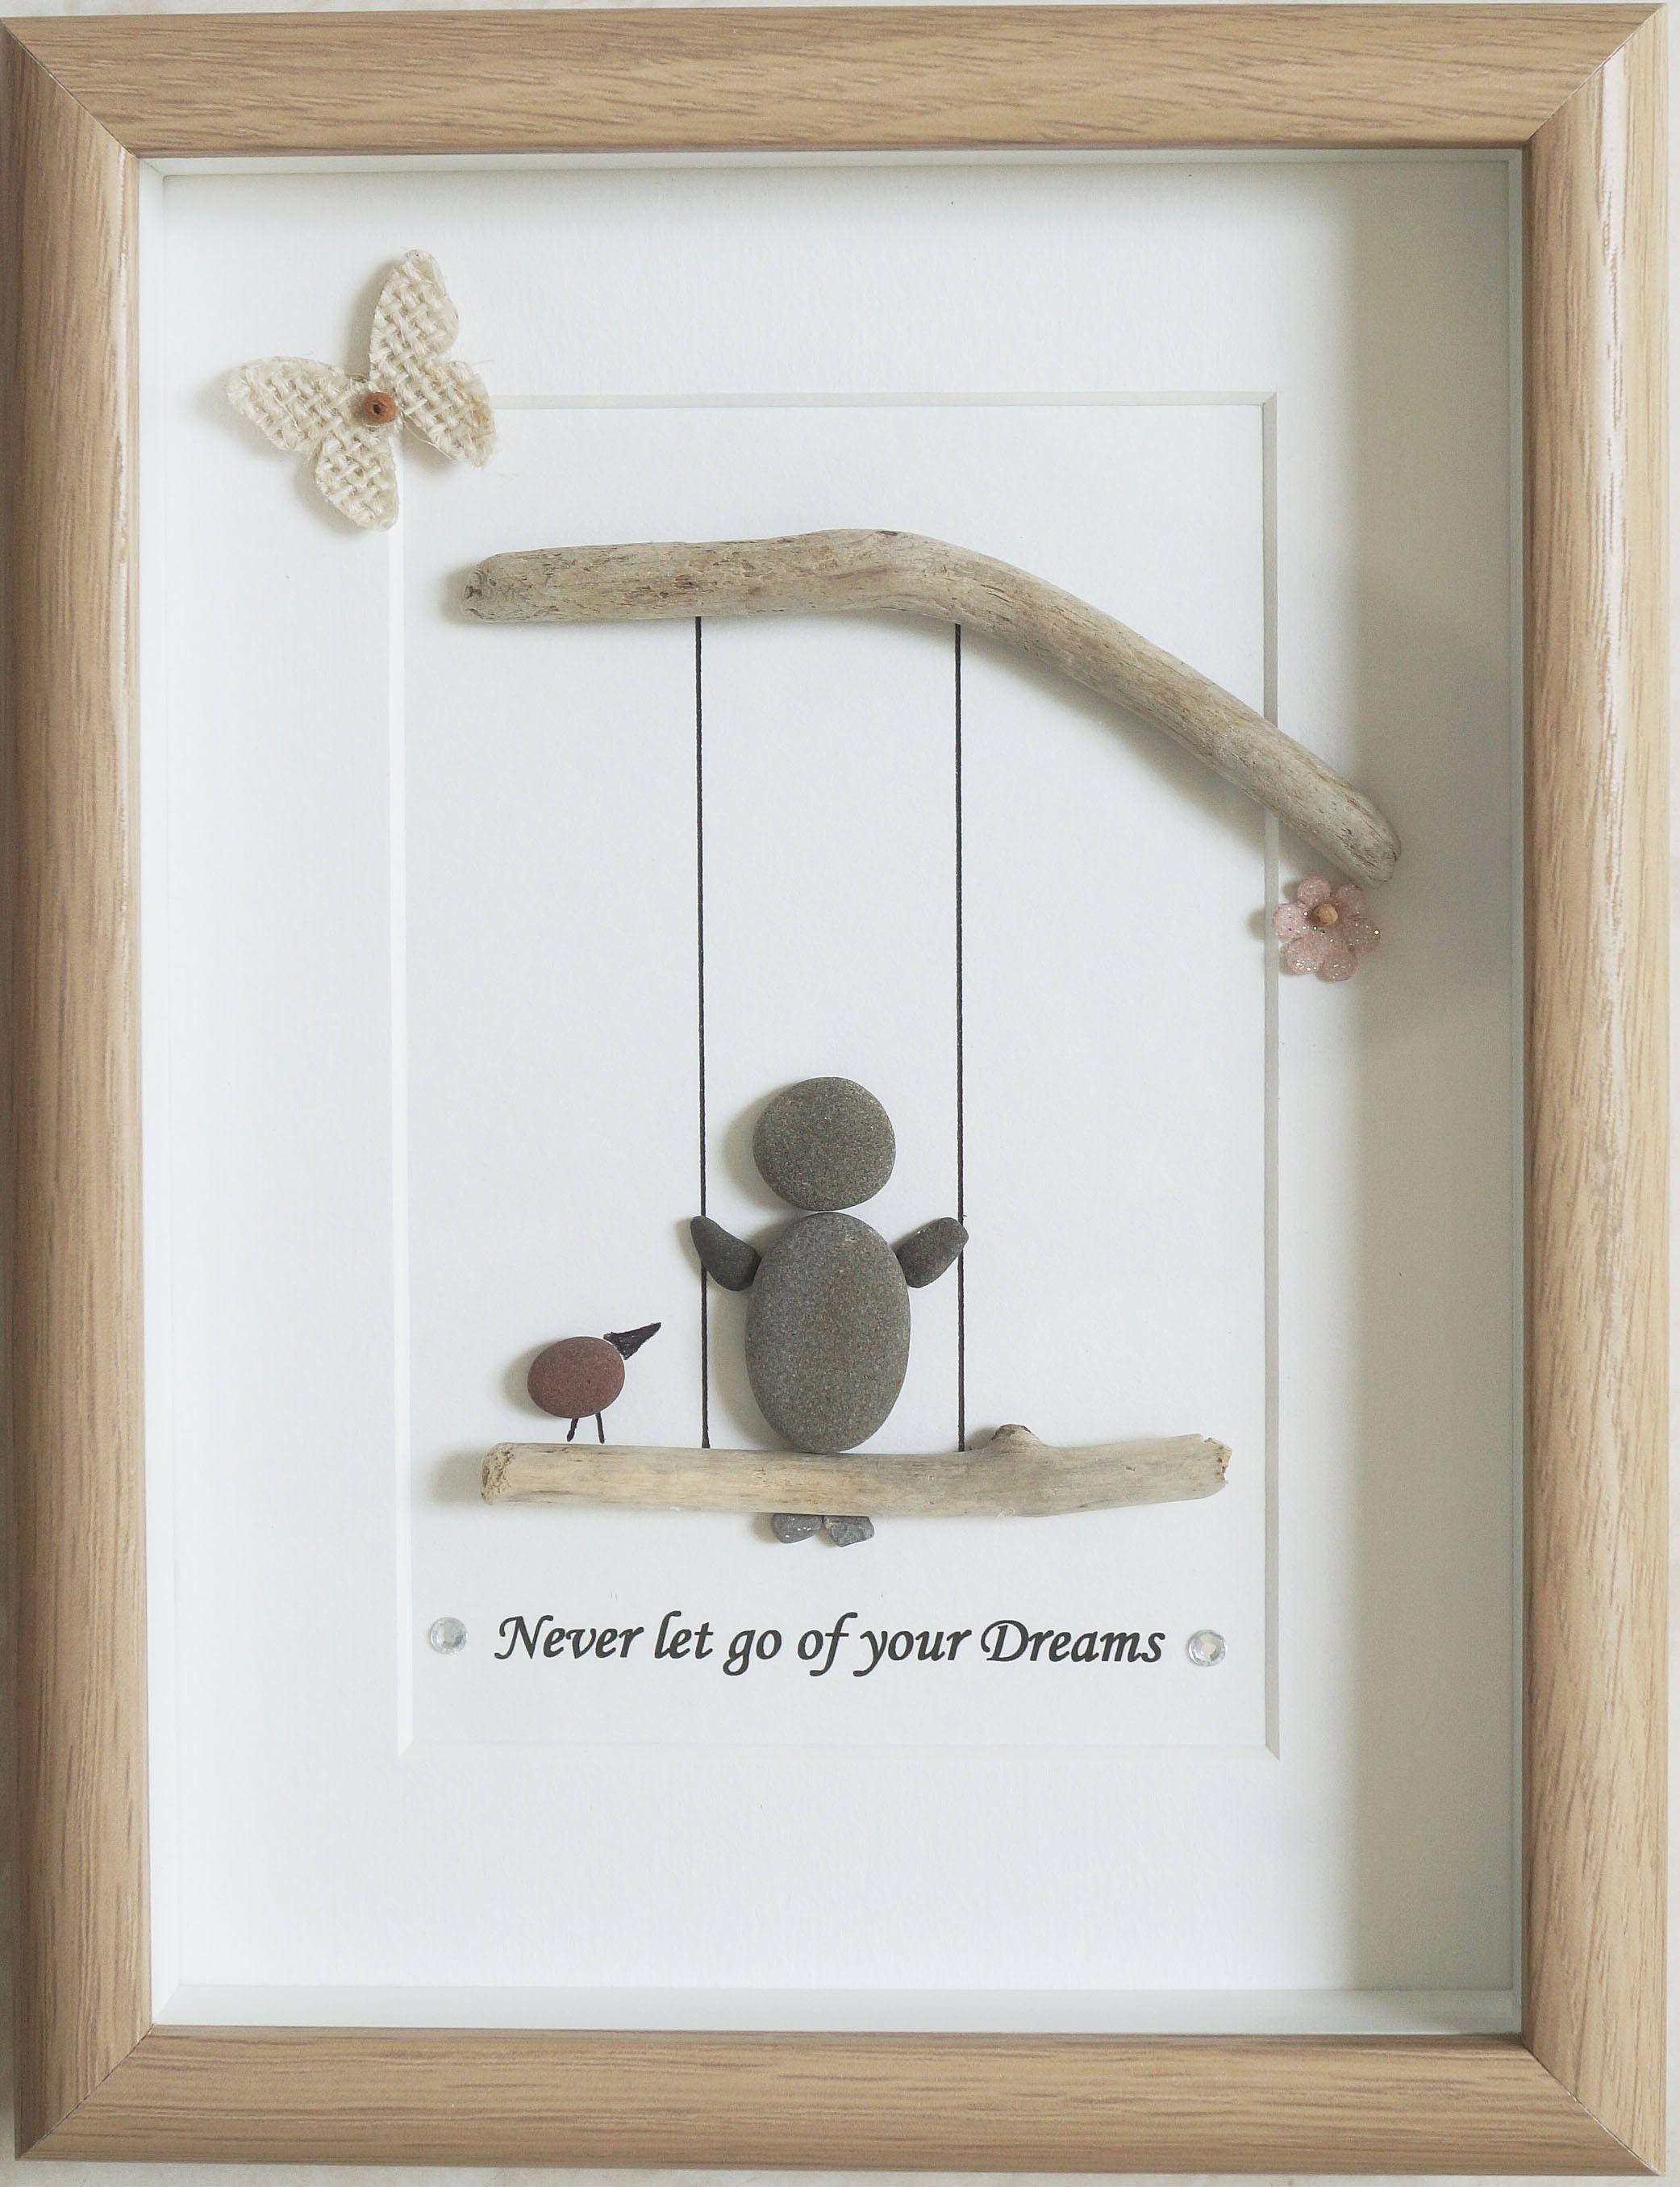 Guijarro arte enmarcado cuadro no suelte nunca de tus sueños ...